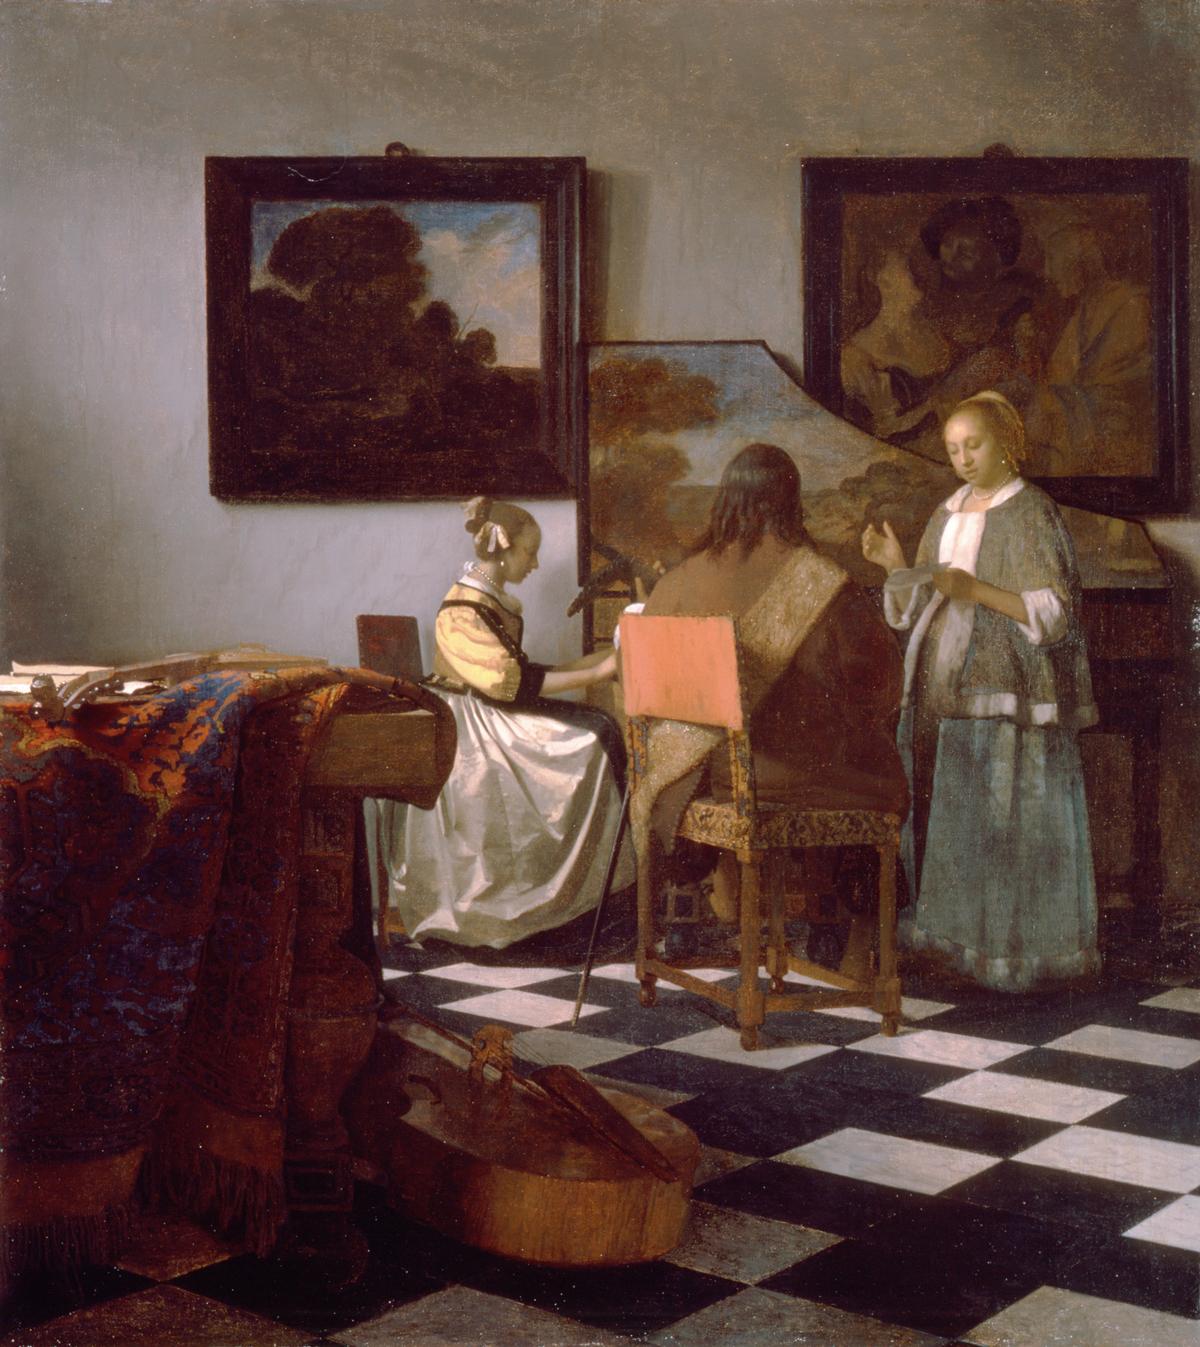 Gestohlenes Gemälde Jan Vermeer: Das Konzert (1664)